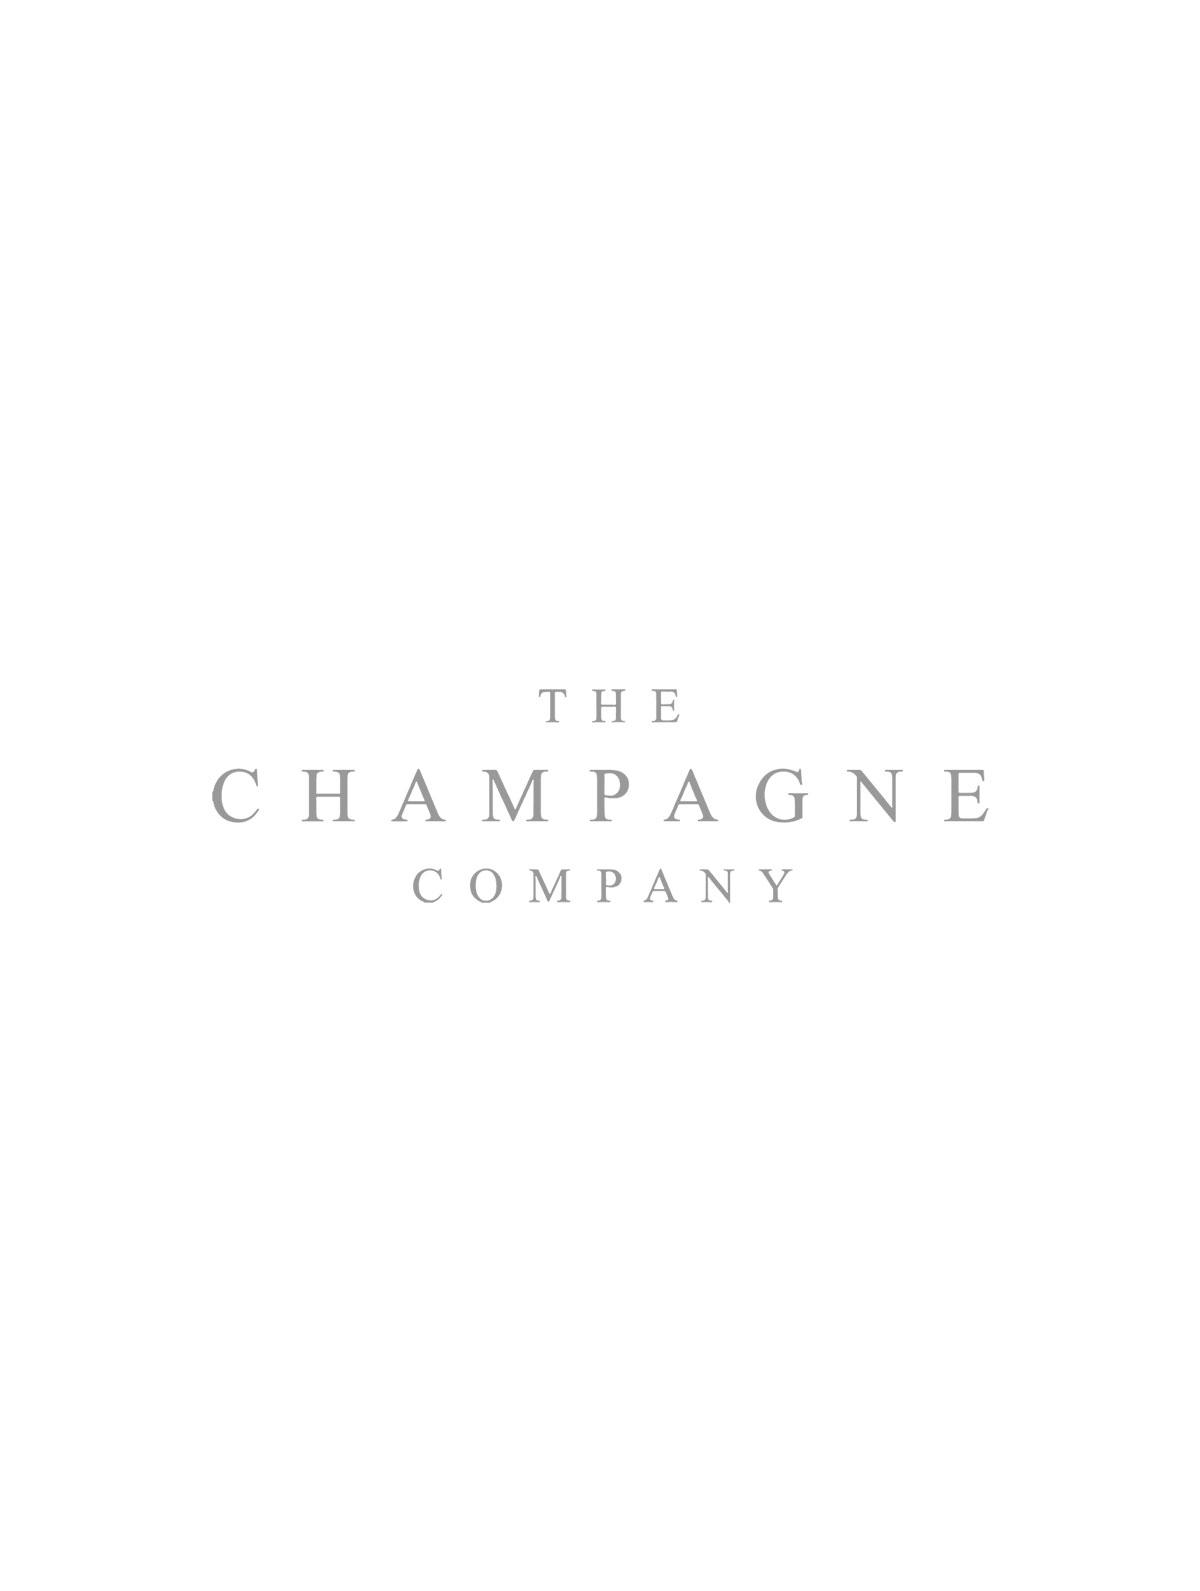 Heidsieck Monopole Champagne 37.5cl & Milk Truffles 135g